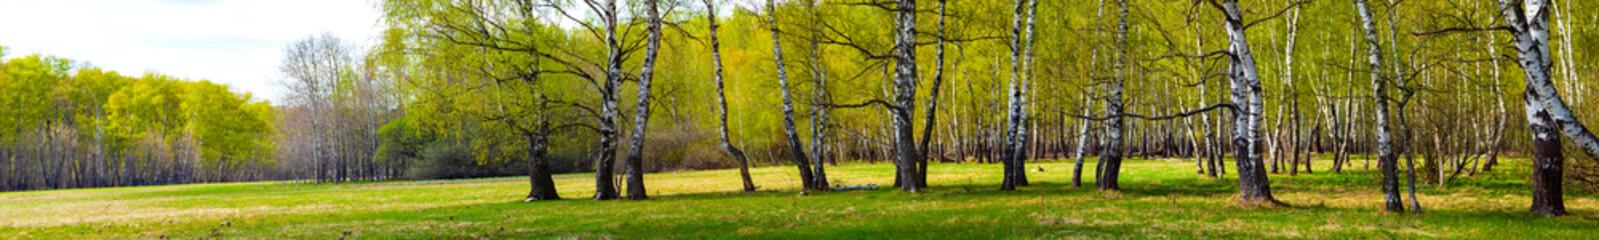 Birch grove on a sunny day.